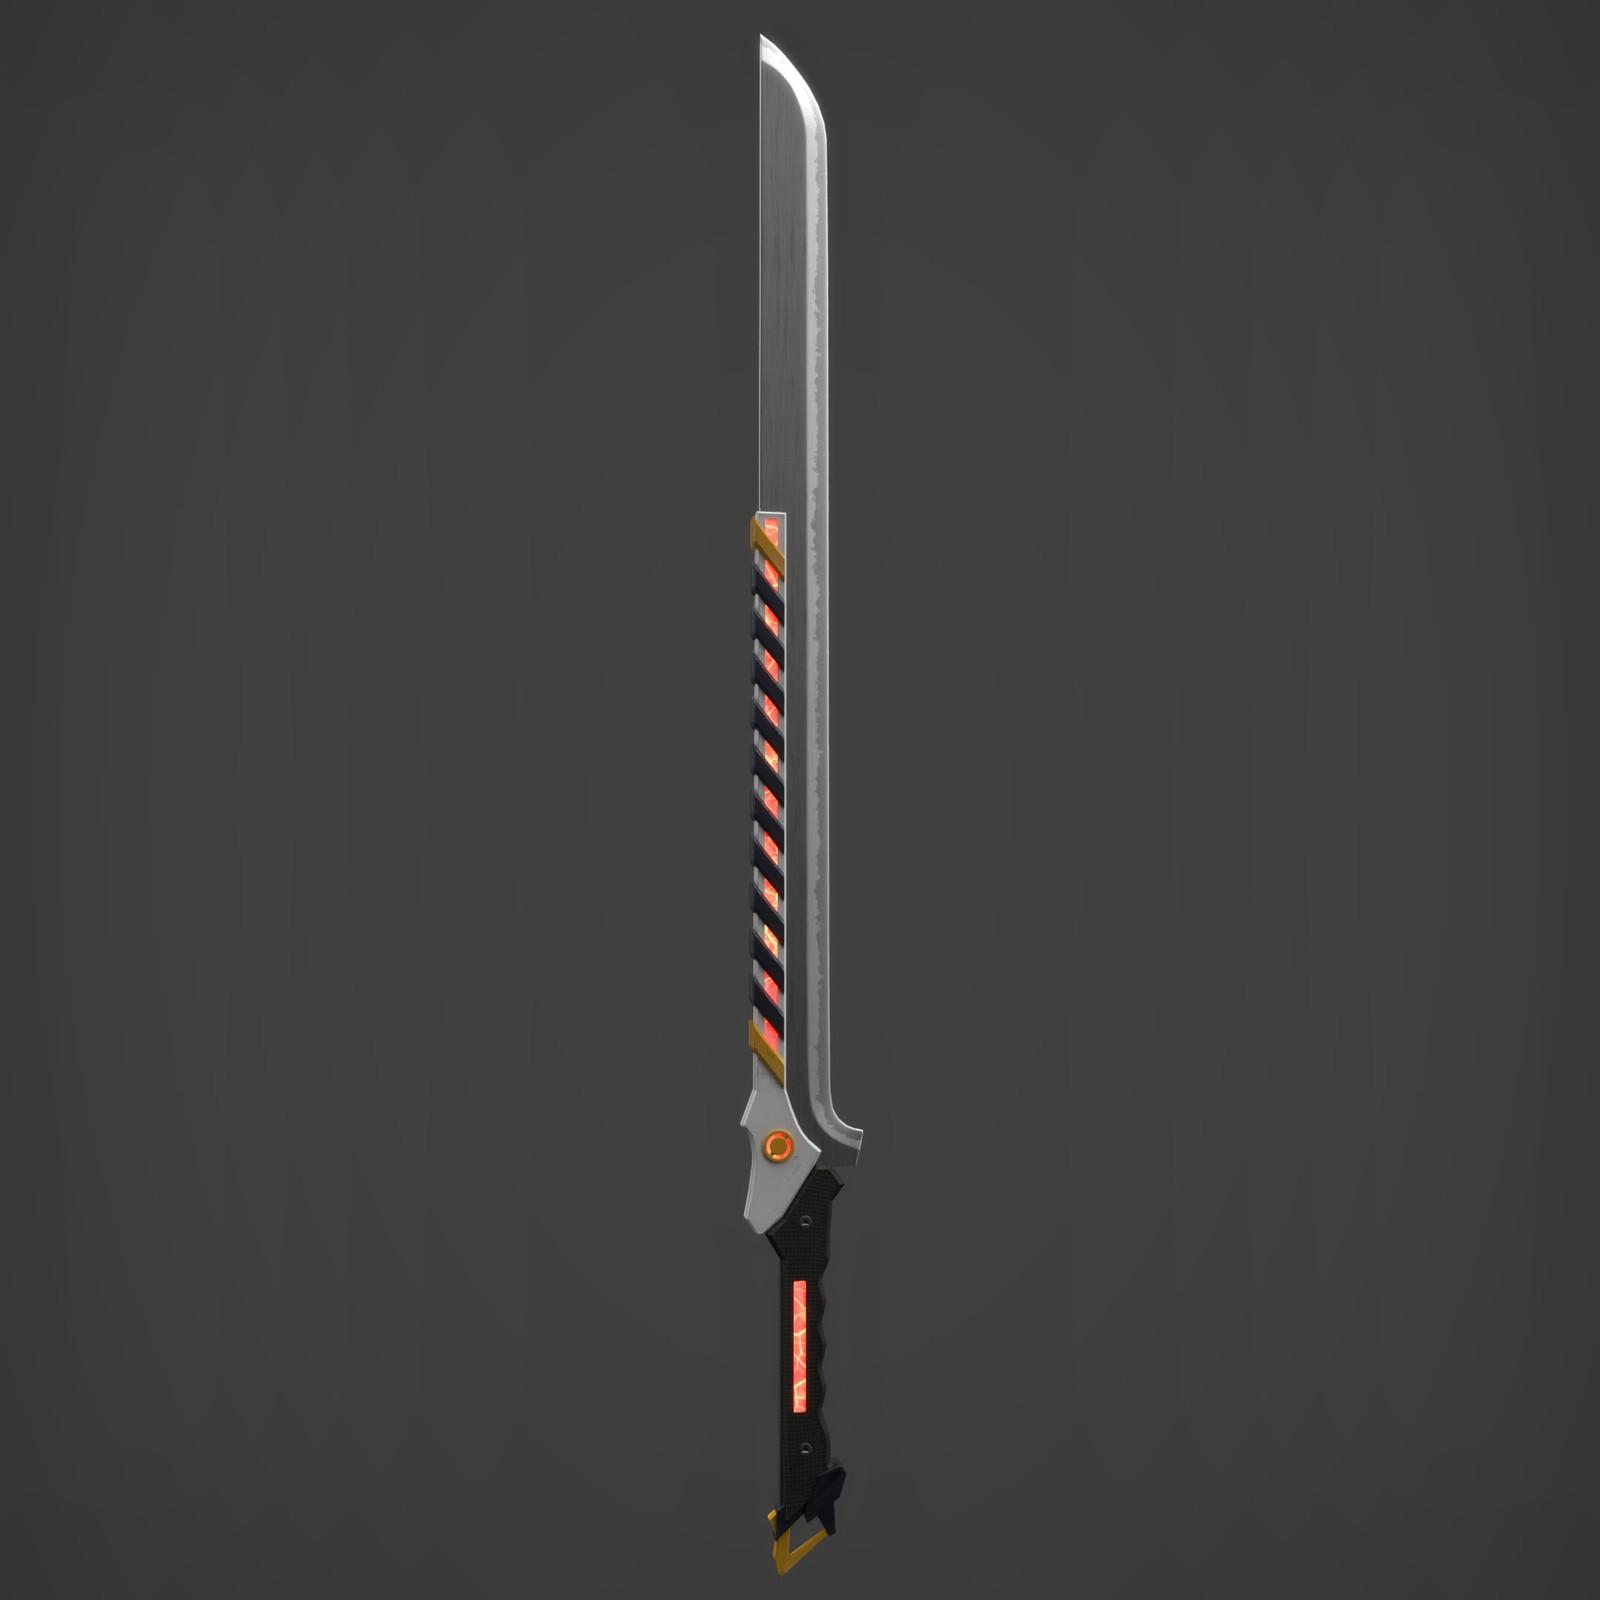 Robo Recall Sword 1.0